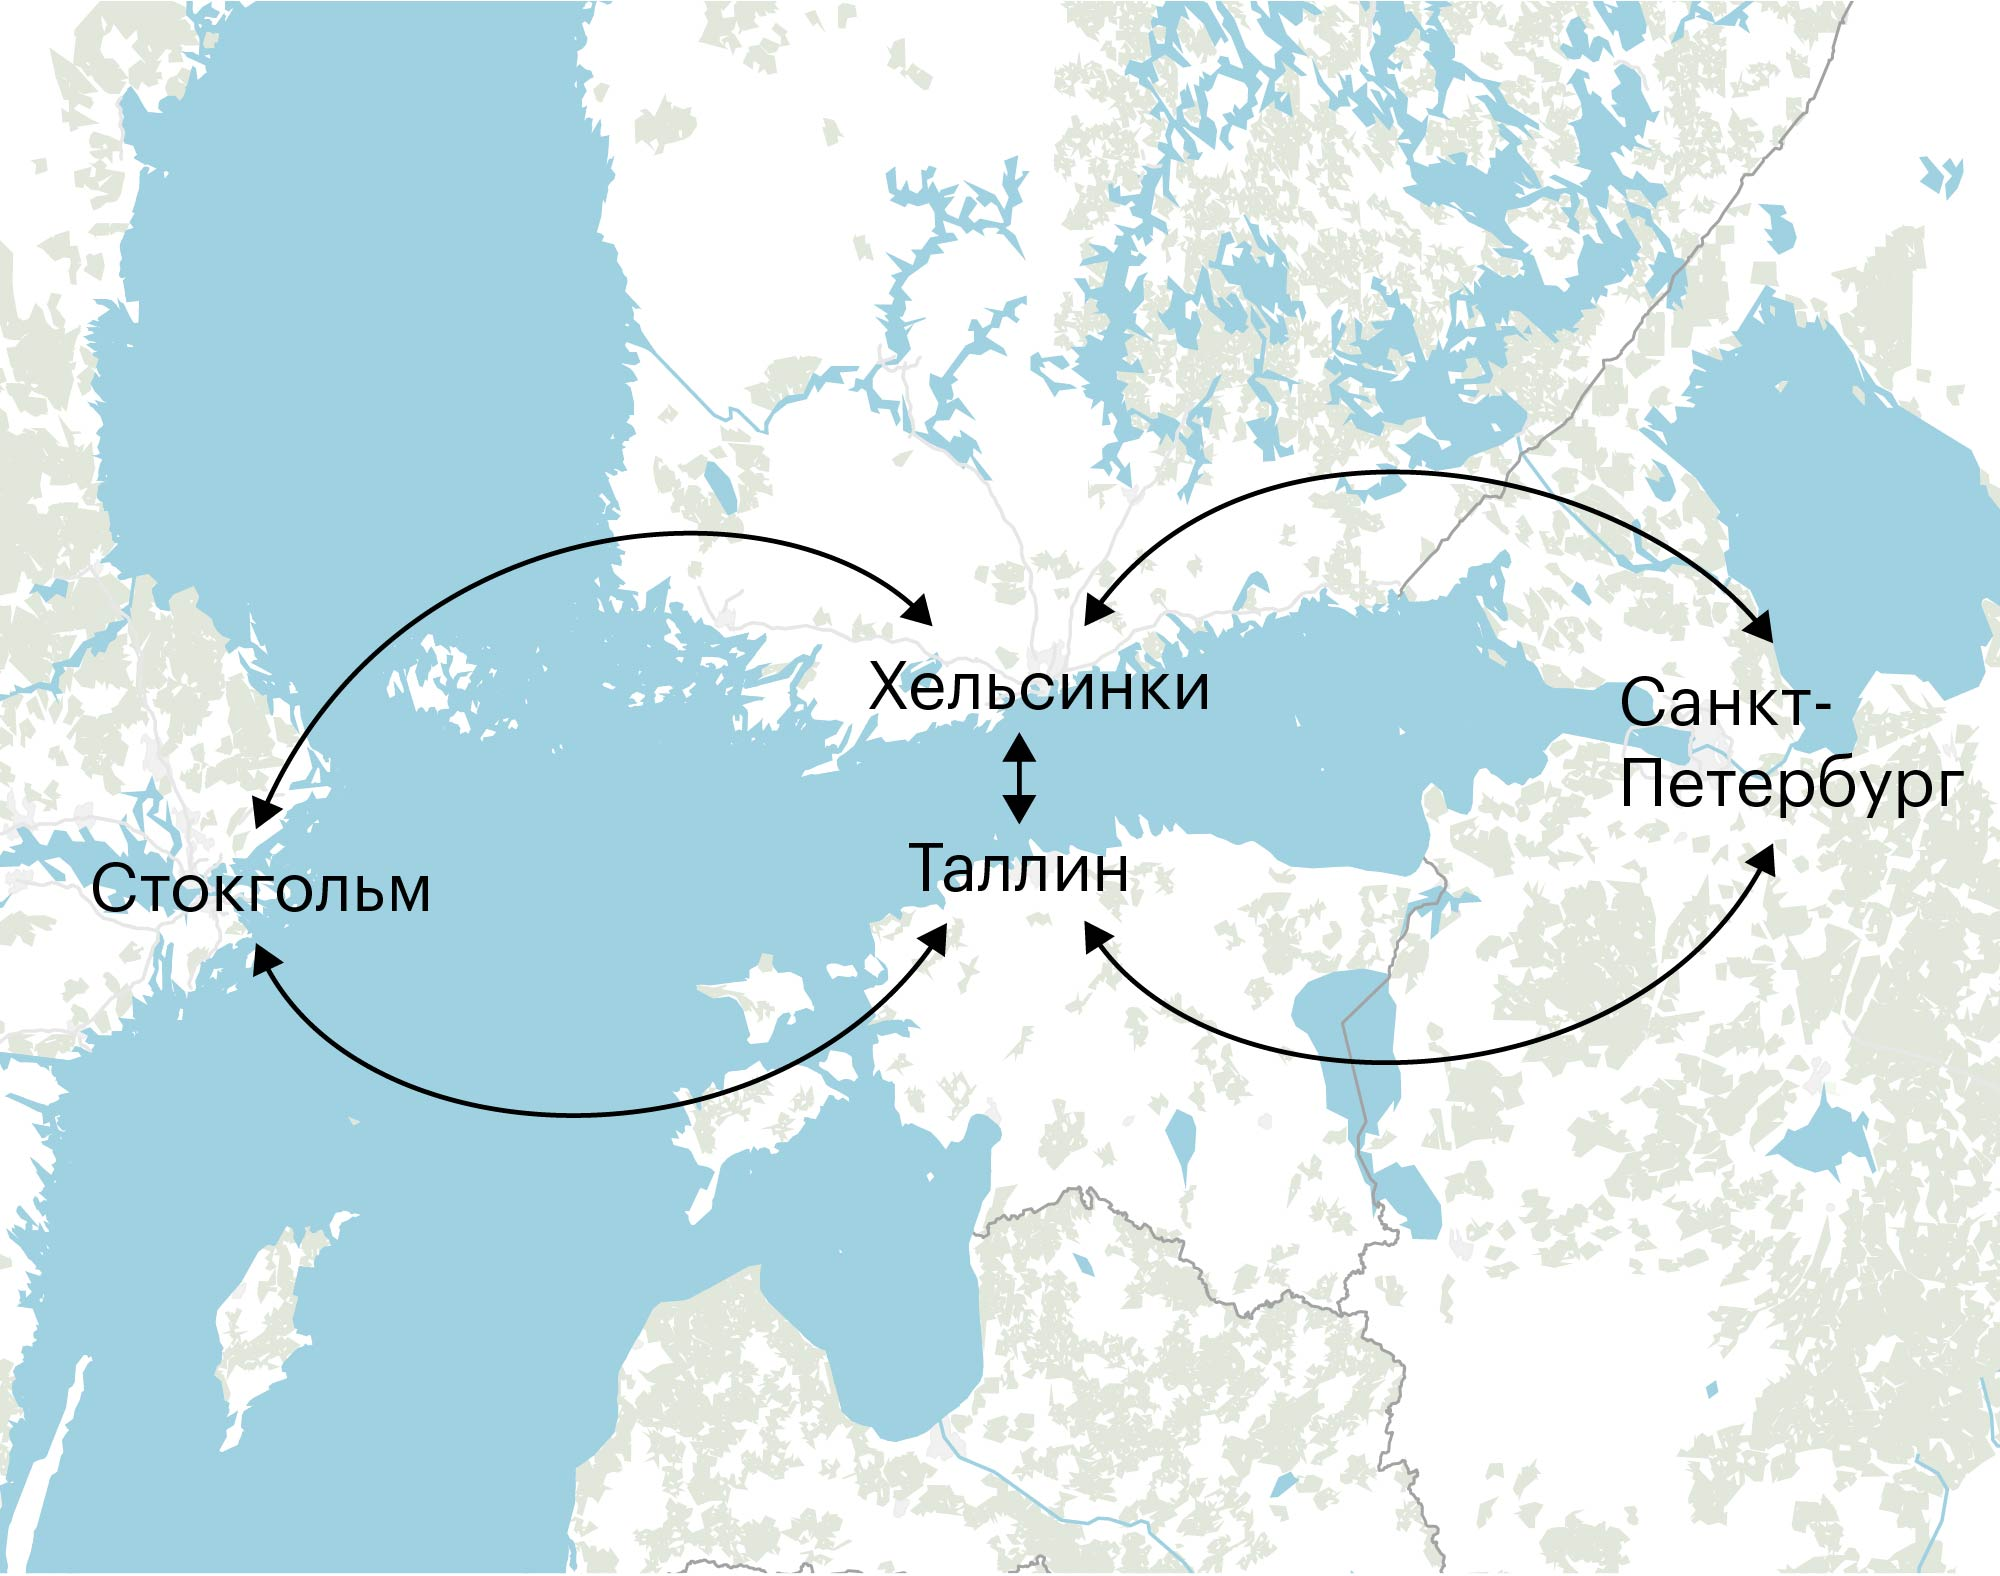 Прямые маршруты паромов на Балтийском море. Схема движения парома из Петербурга в Стокгольм — на следующей карте